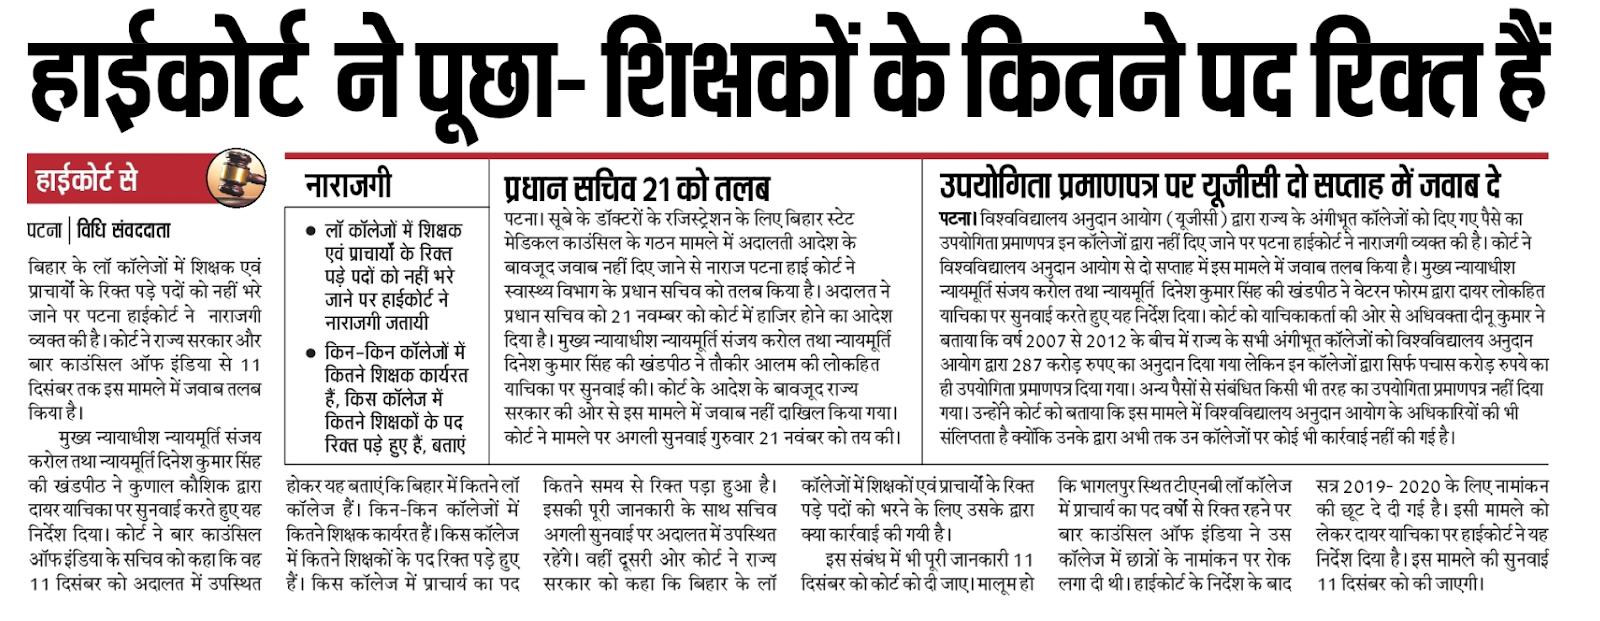 बिहार के कॉलेजों कितने शिक्षकों के कितने पद रिक्त